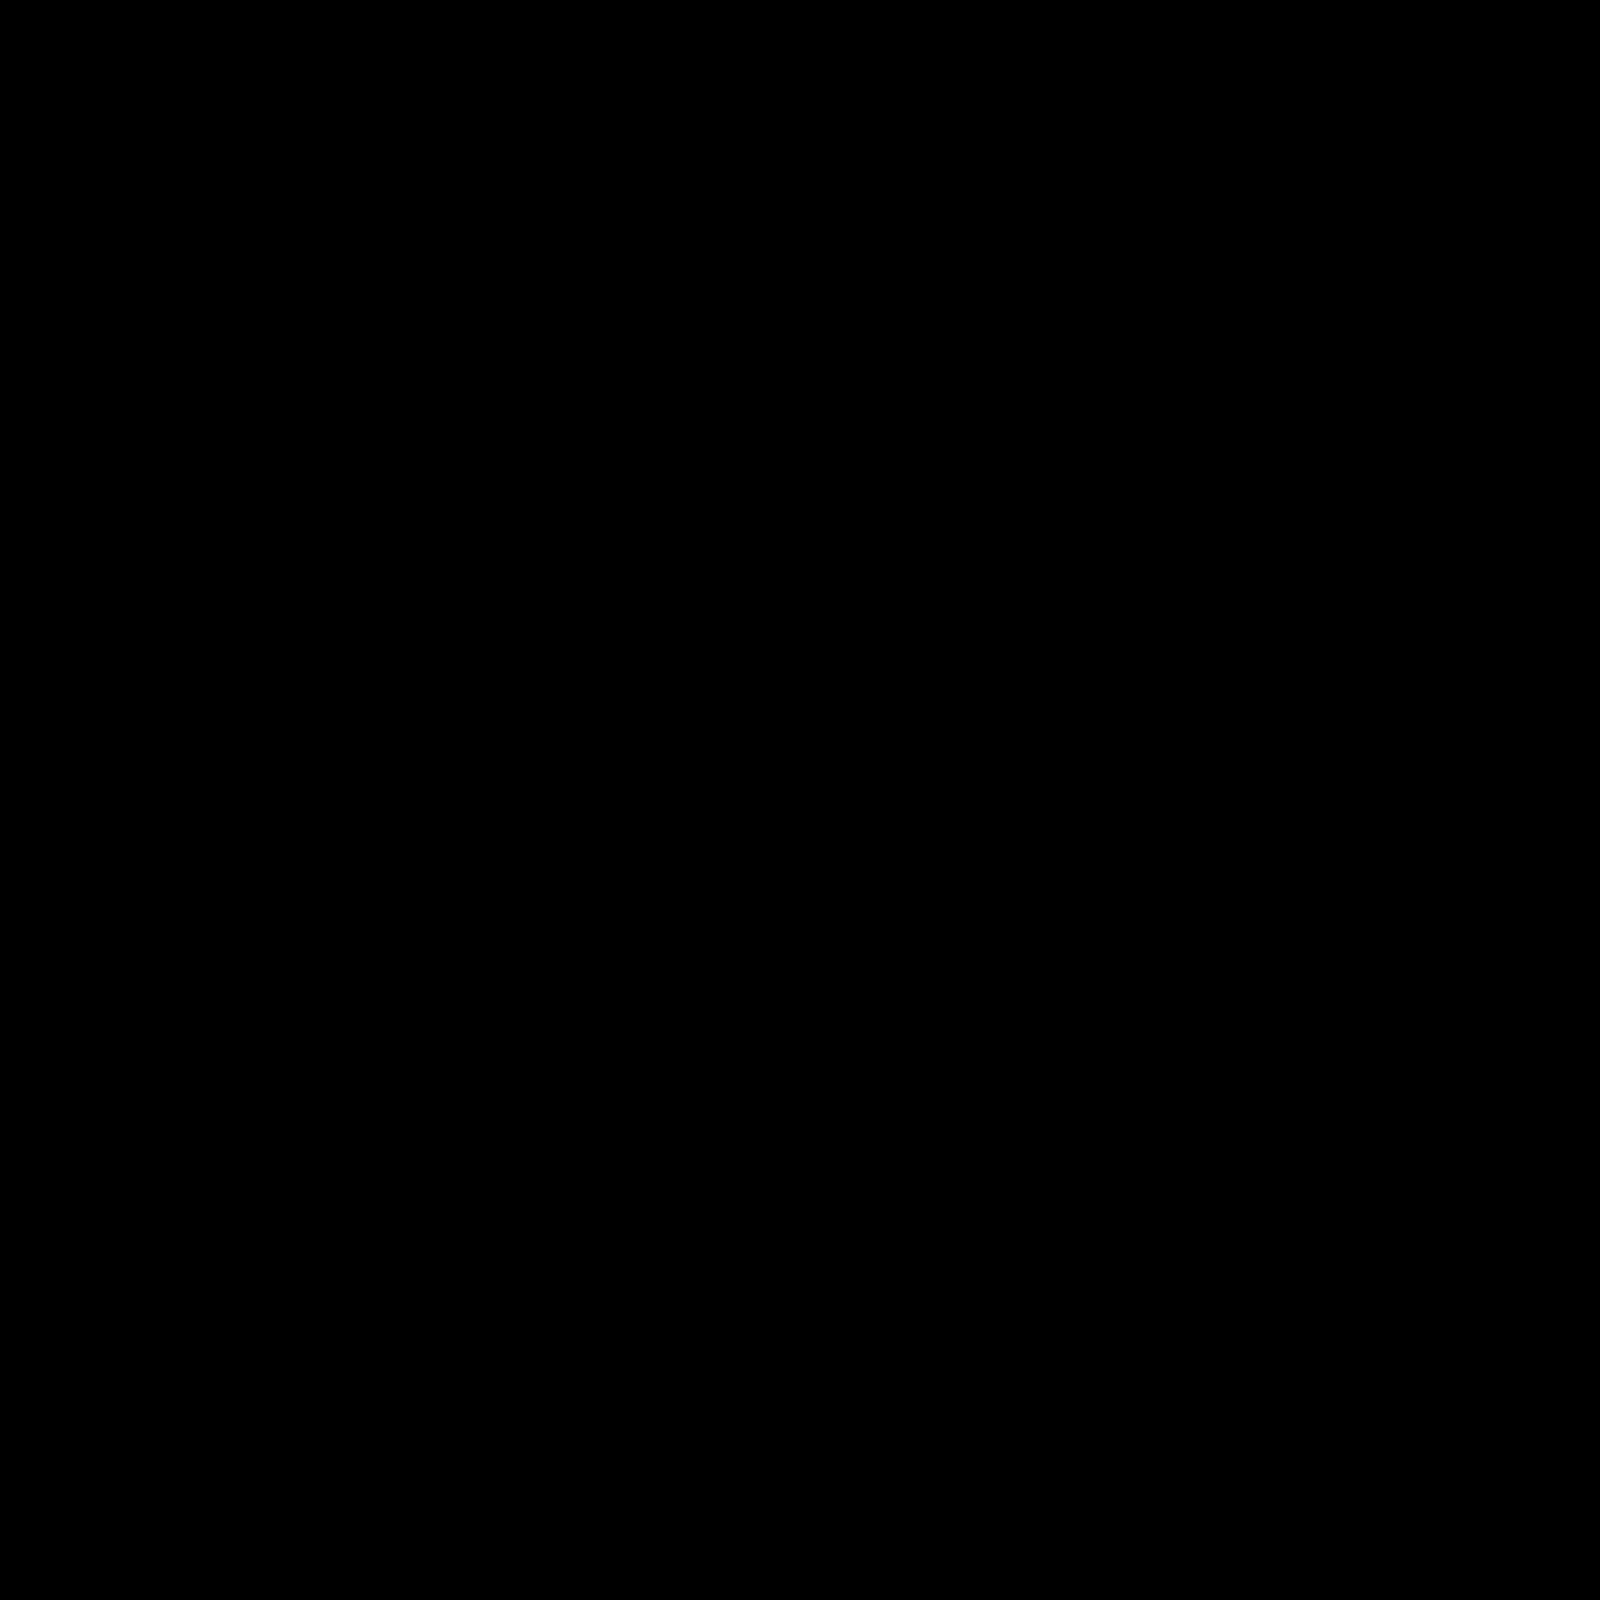 Kostka cukru icon